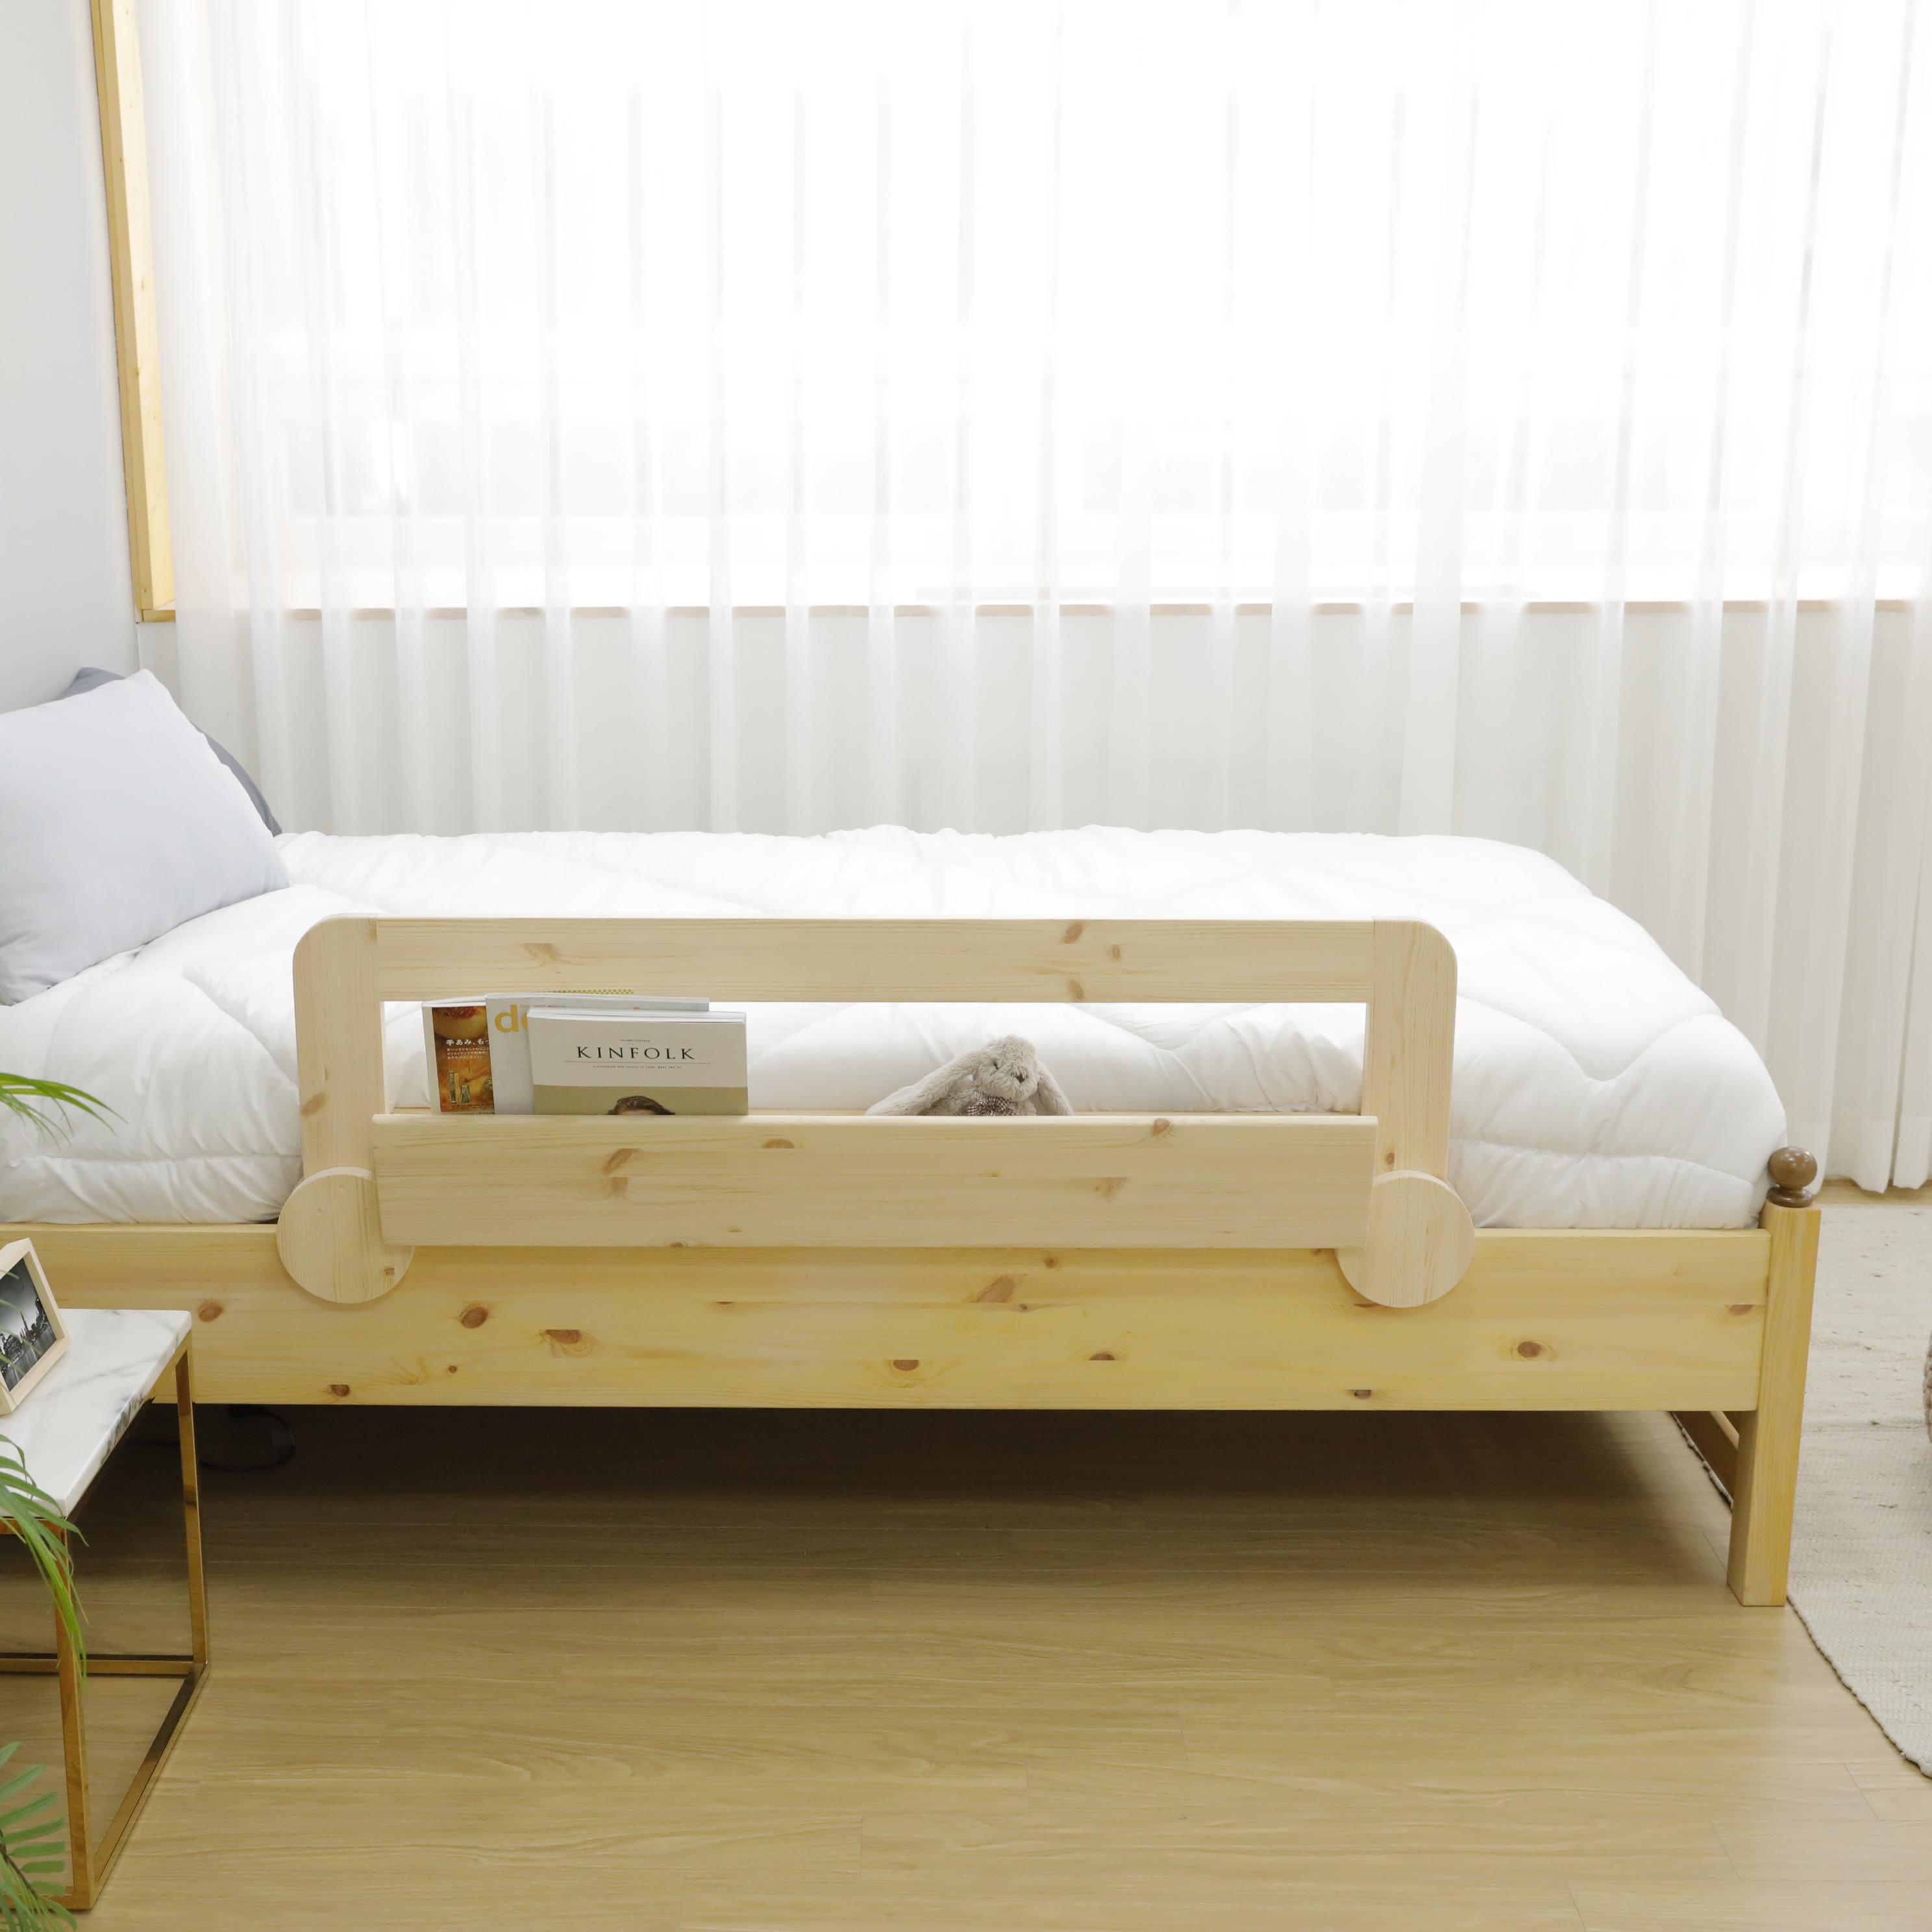 소나무 원목 침대 안전가드 중형 + 책꽂이